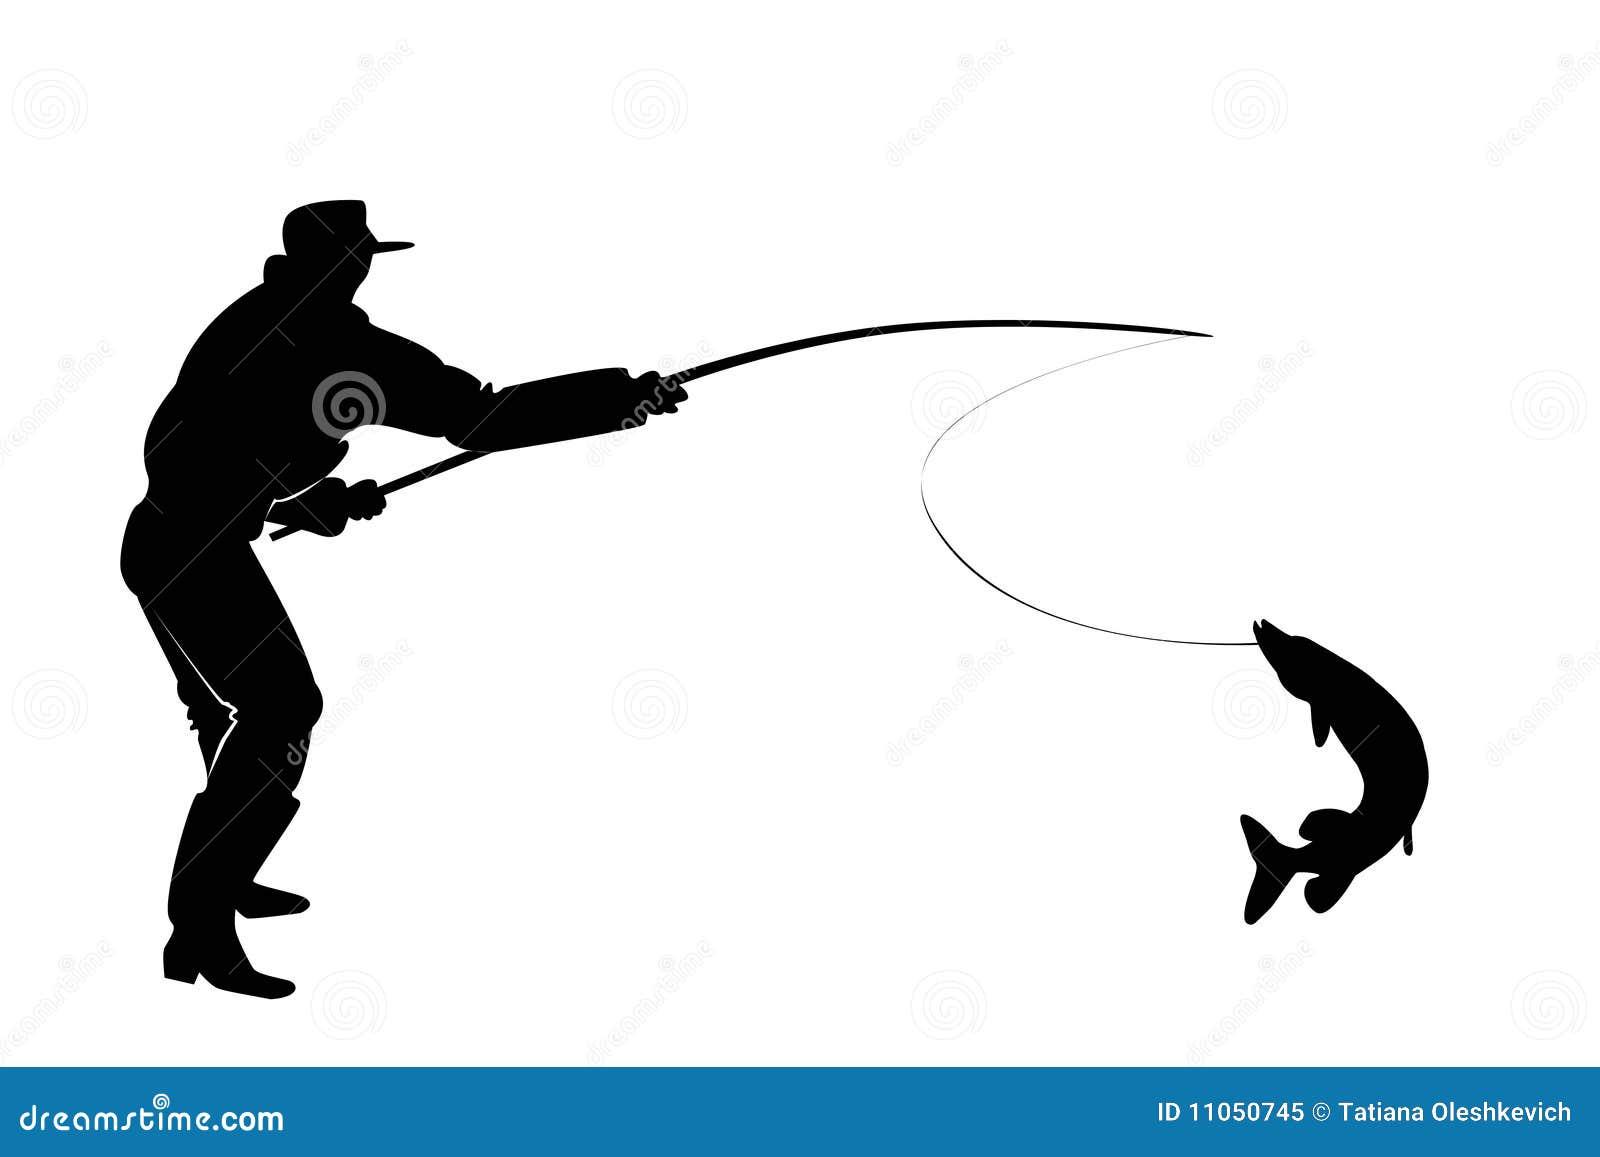 силуэт рыбака с удочкой вектор